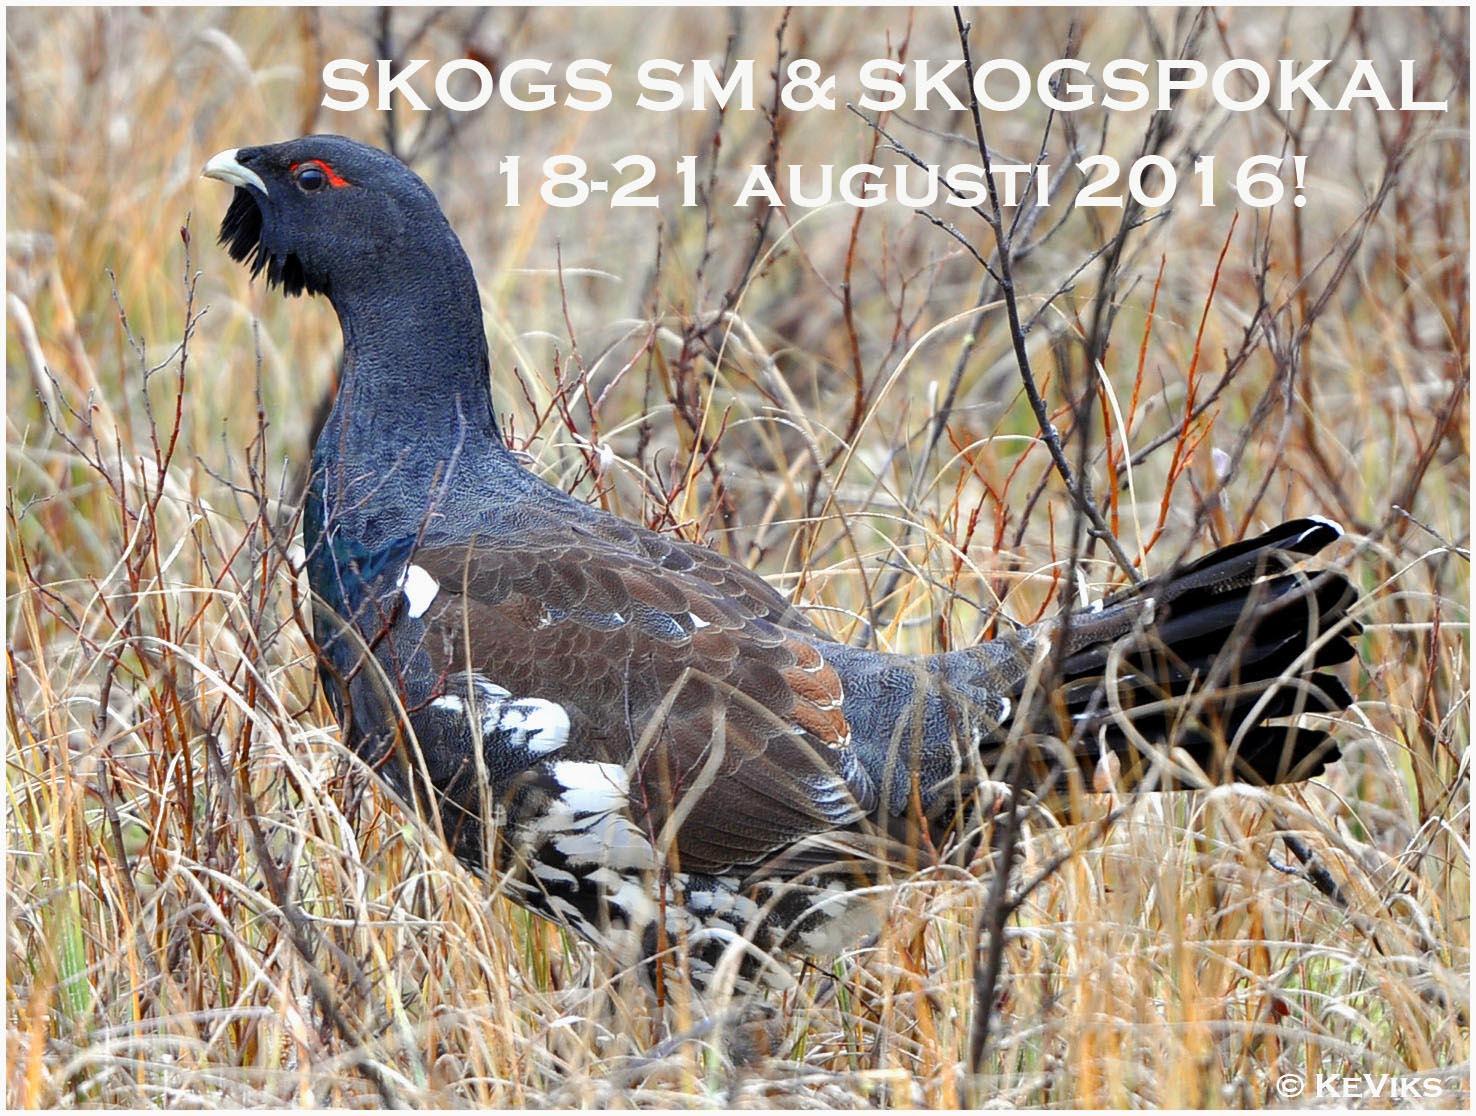 SKOGS SM 2016